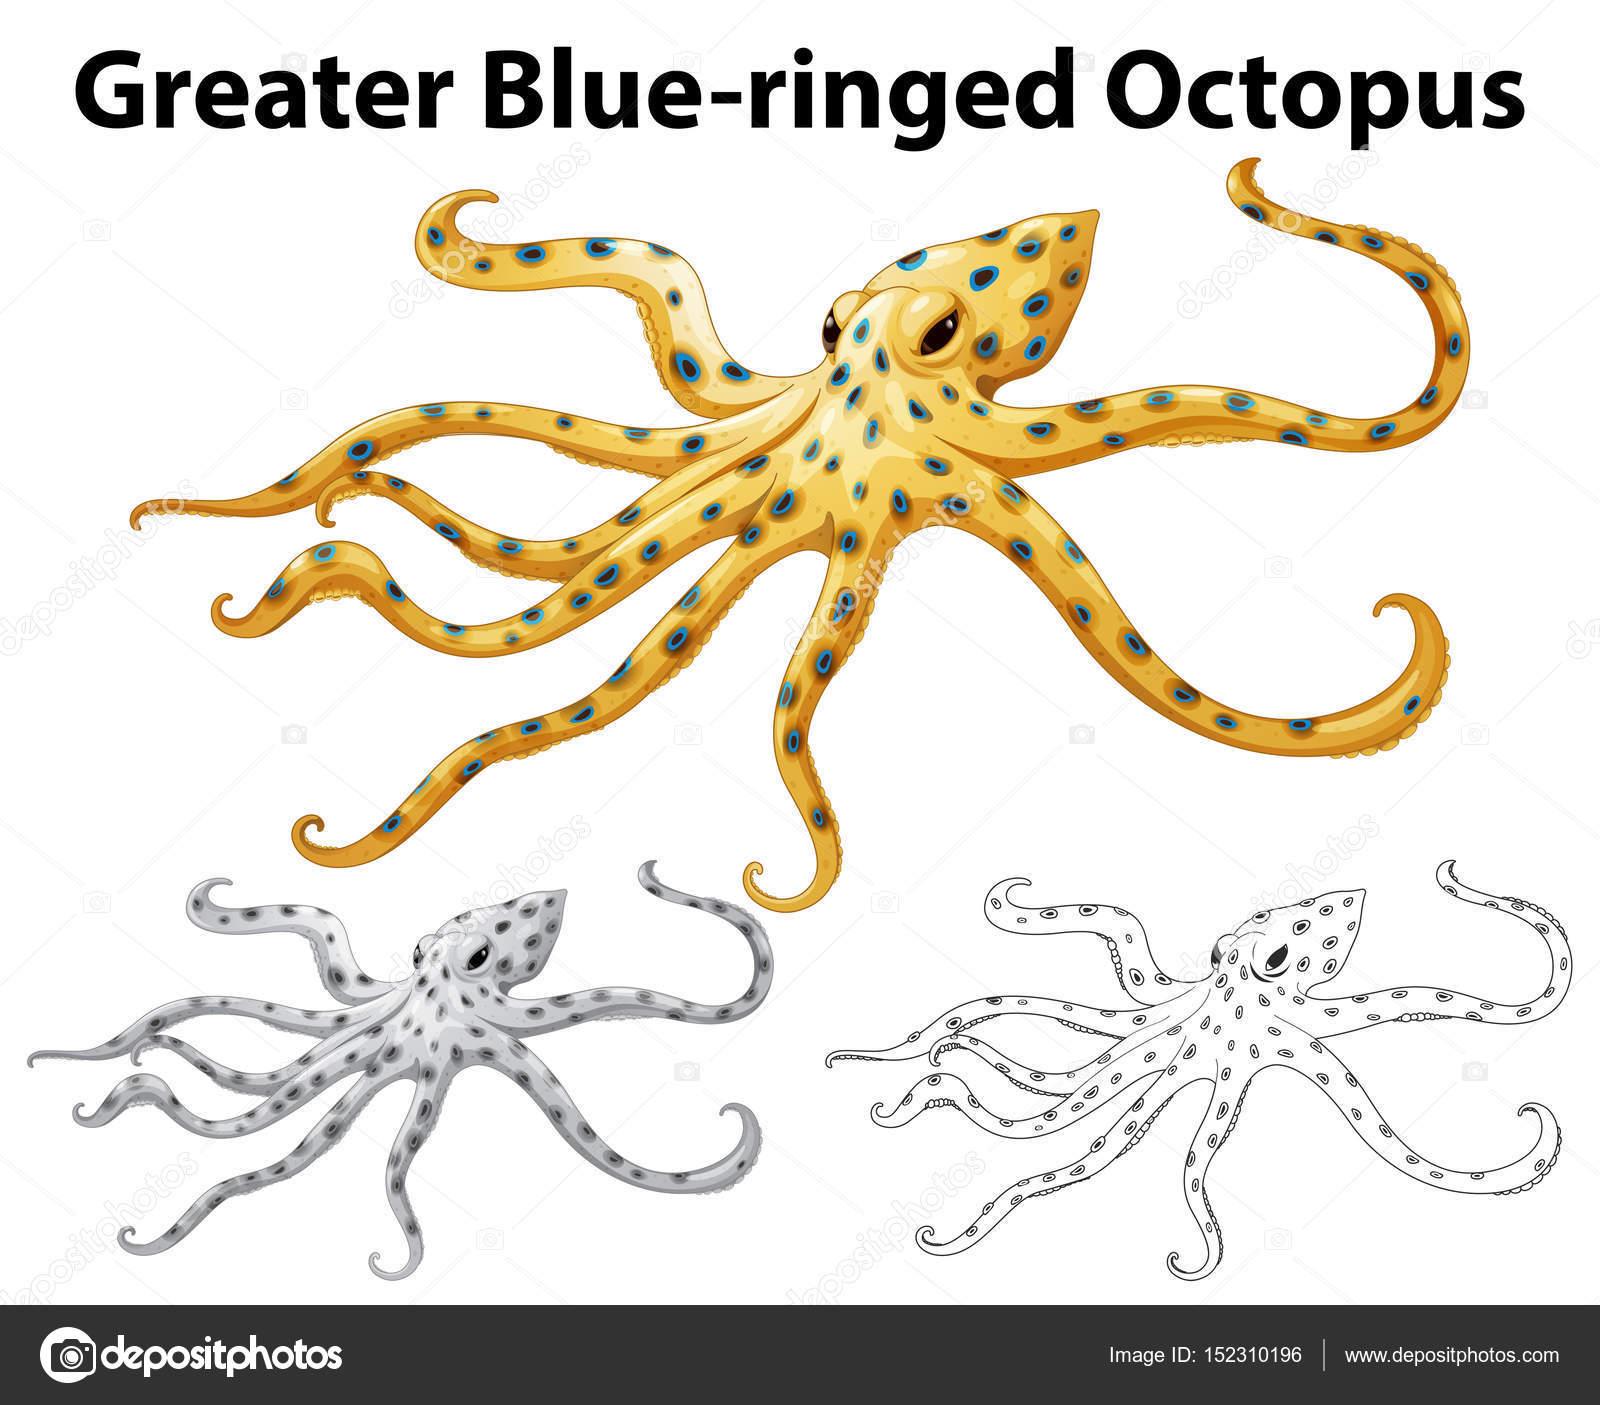 5ddd79342f18 Рисунок животных для большей наглядности Голубой Кольчатая Осьминог.  Осьминог vektor — вектор от blueringmedia — Вектор от blueringmedia